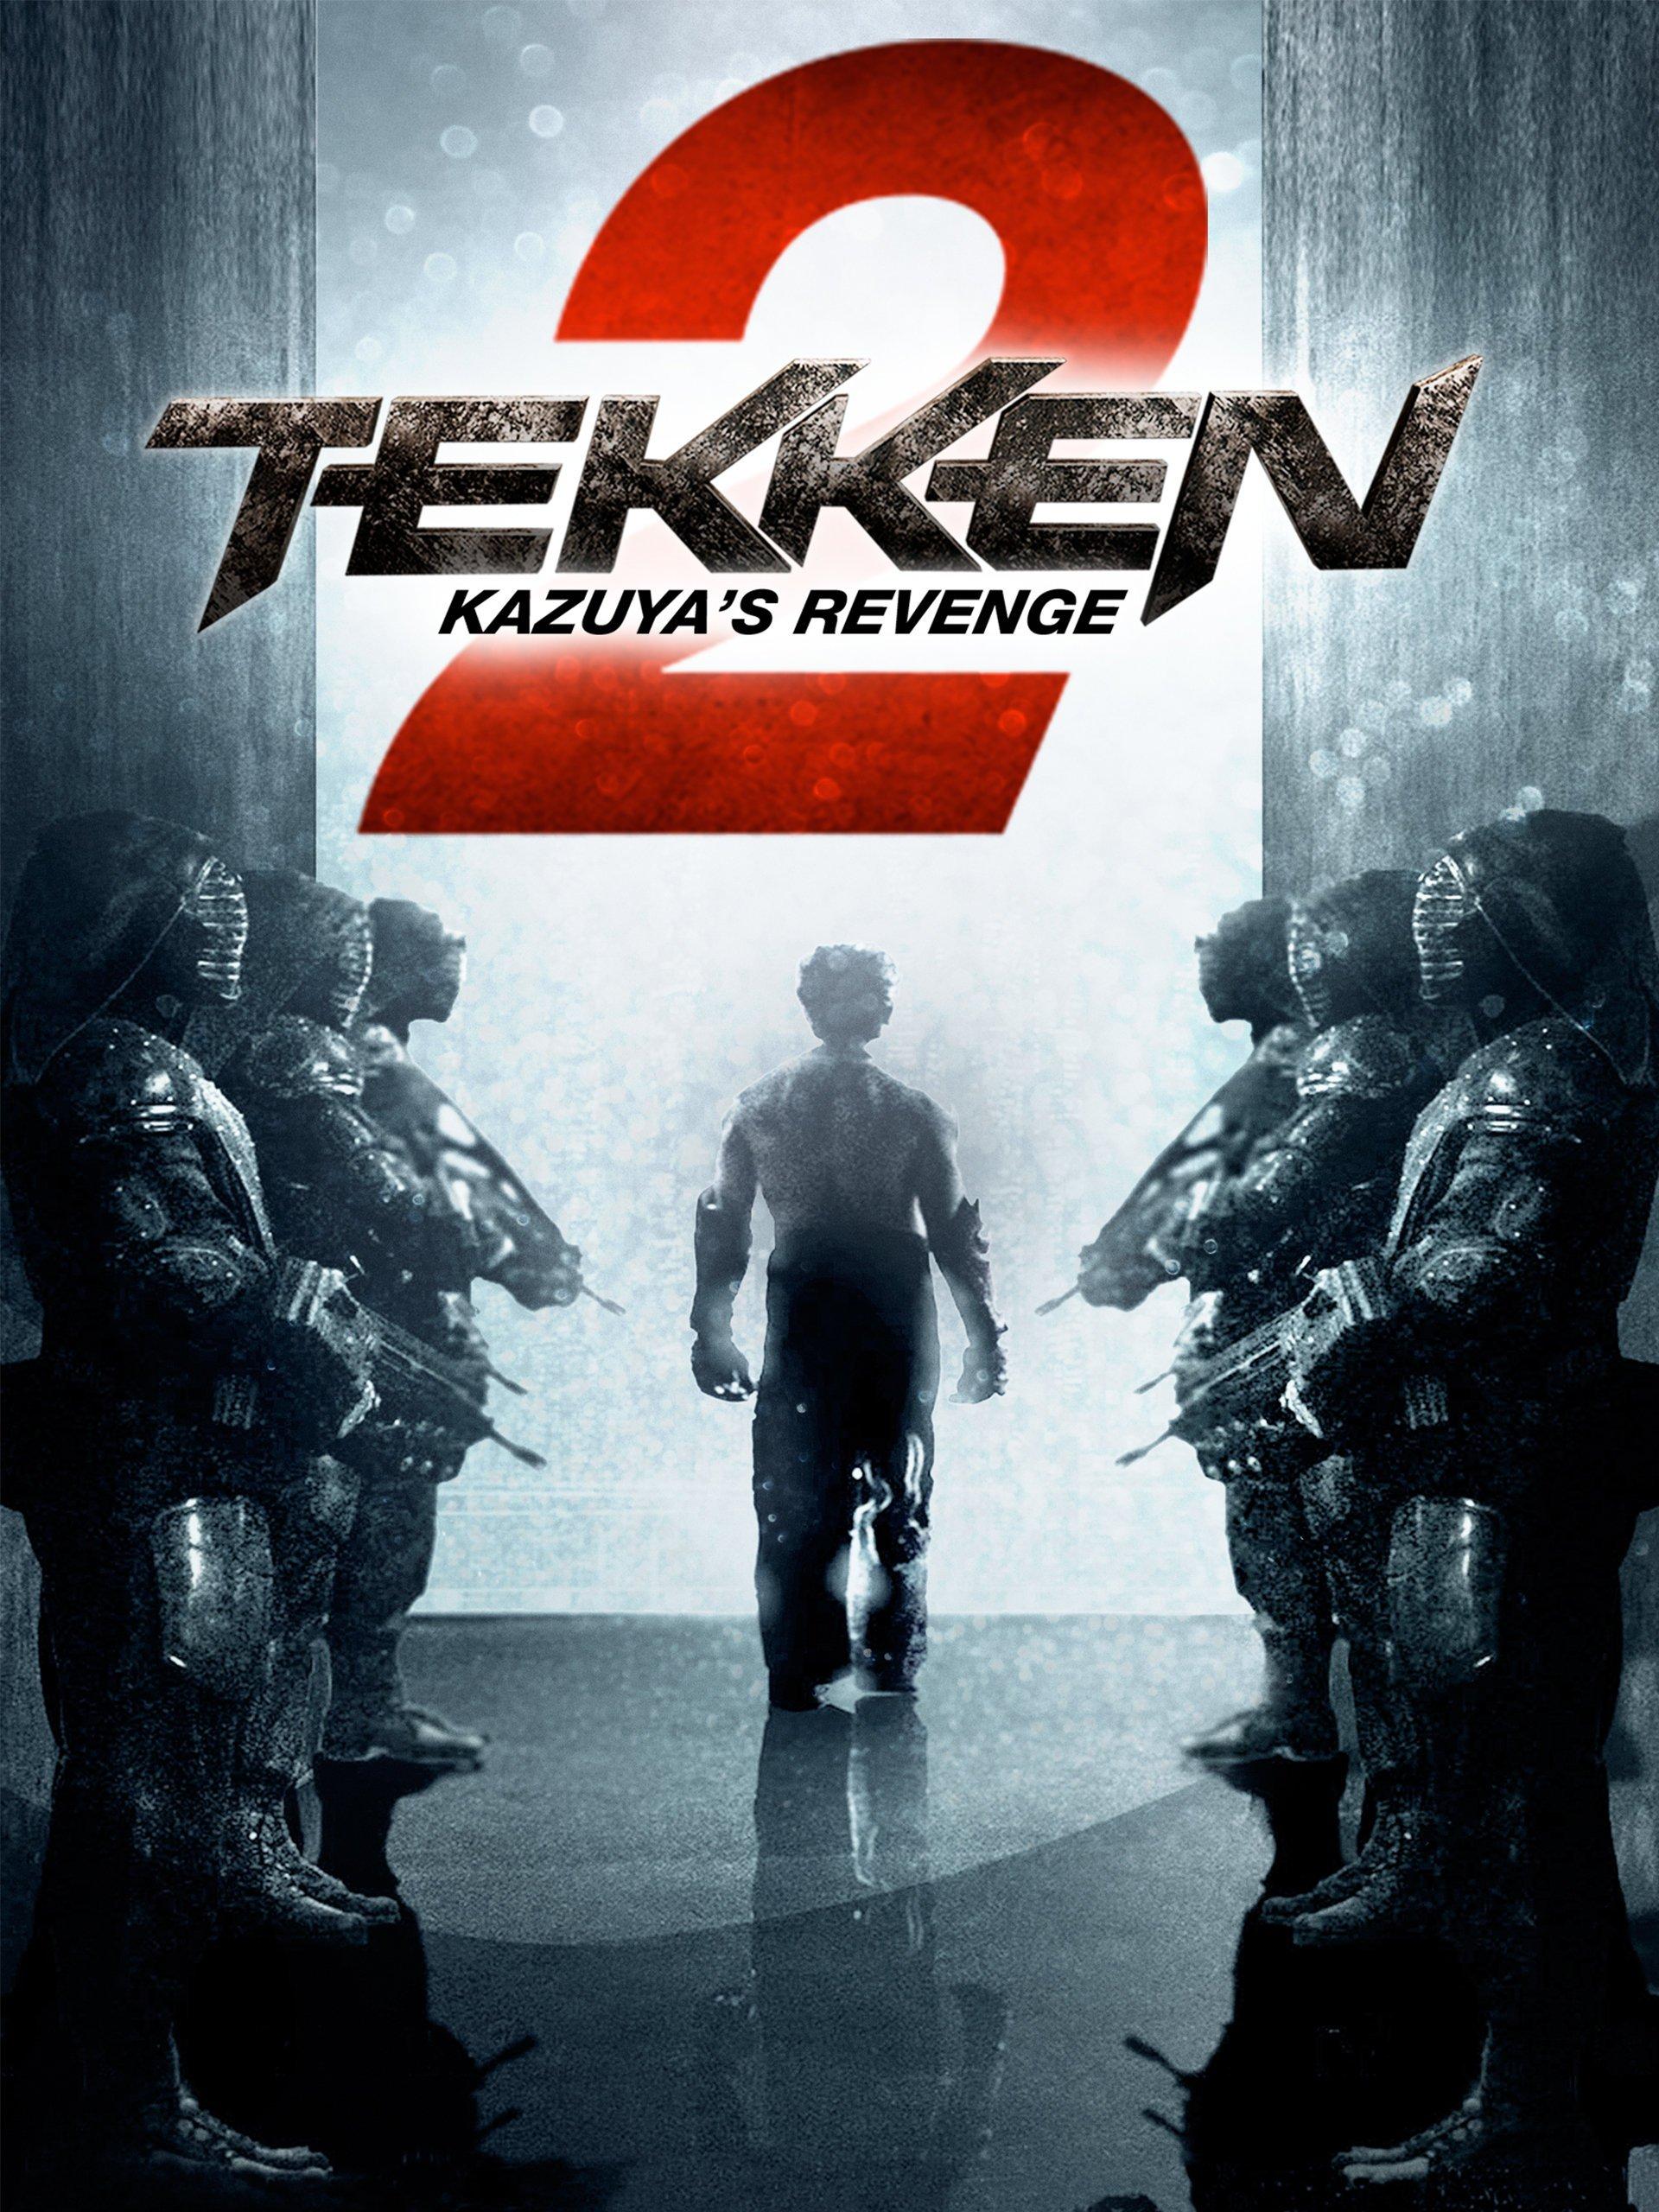 watch tekken 2 movie online free